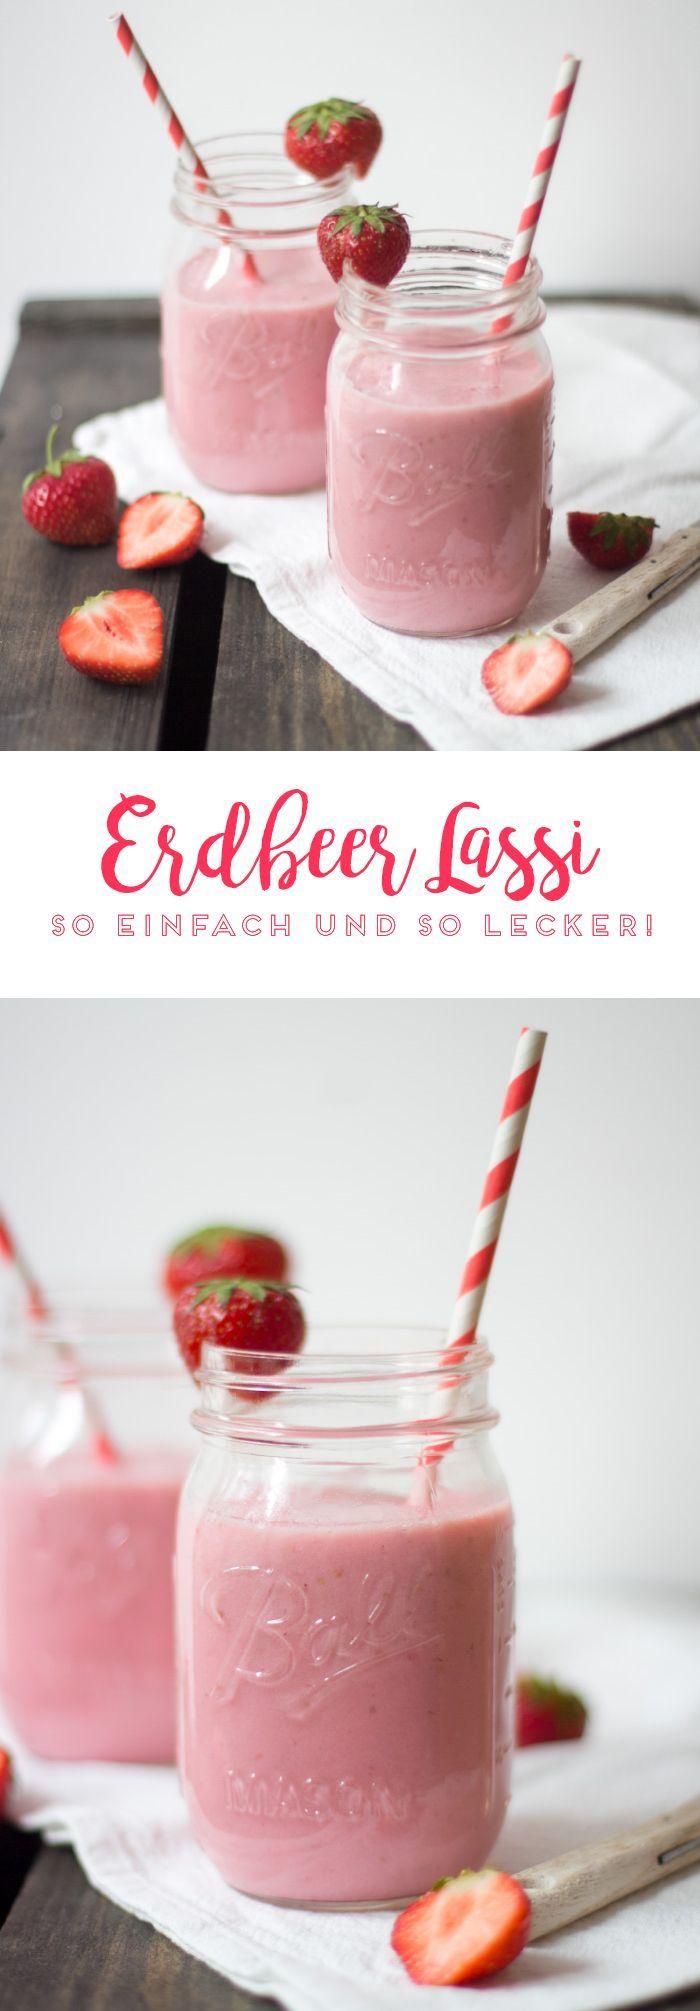 Erdbeer-Lassi